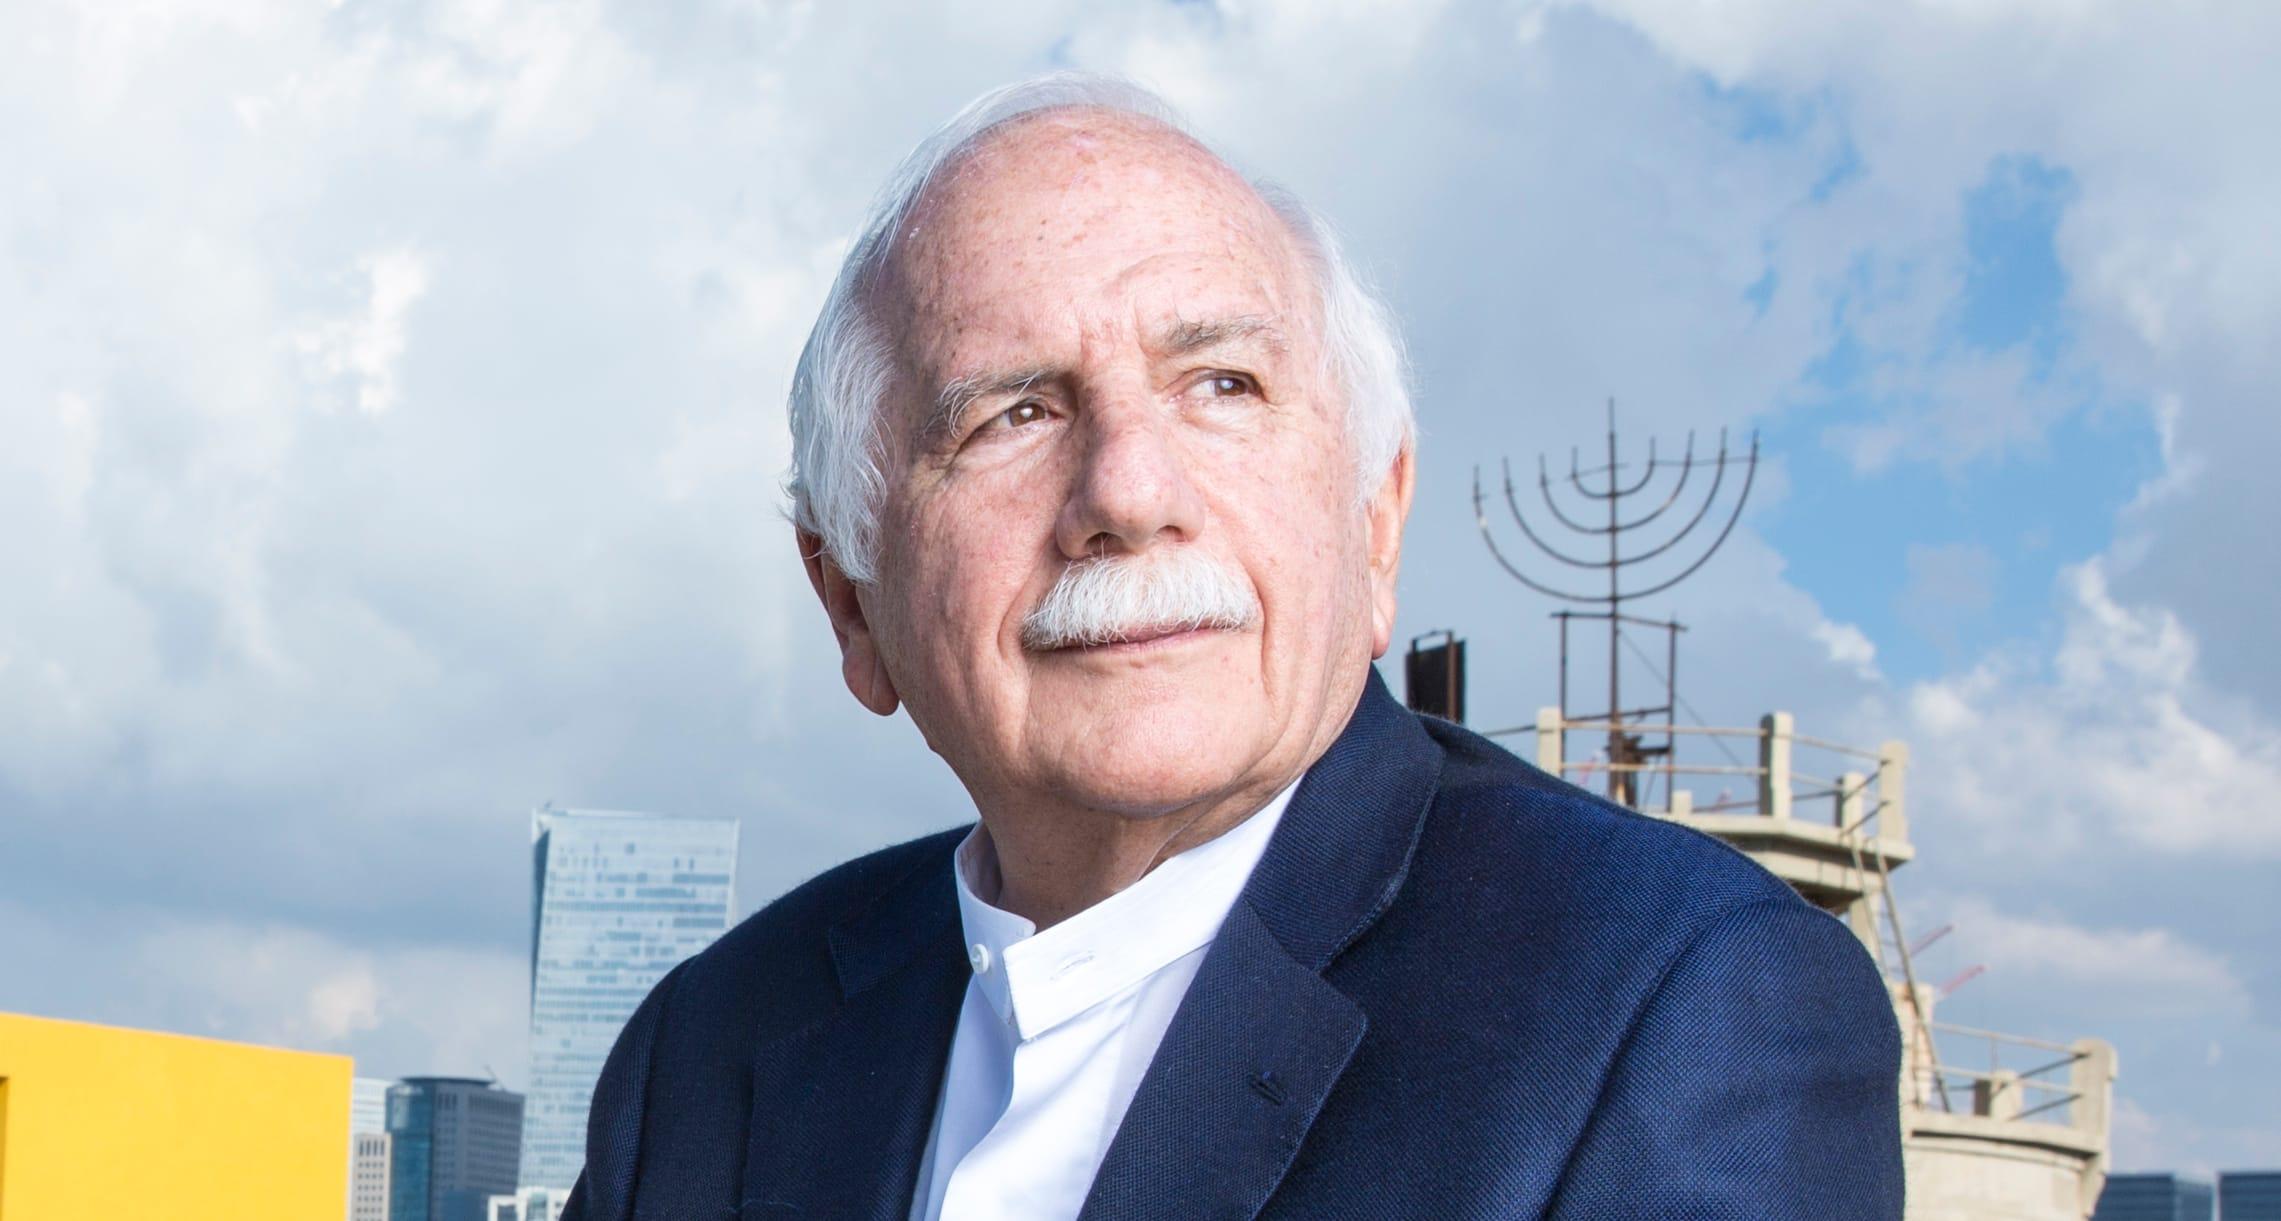 משה ספדי, אדריכל / צילום: ענבל מרמרי